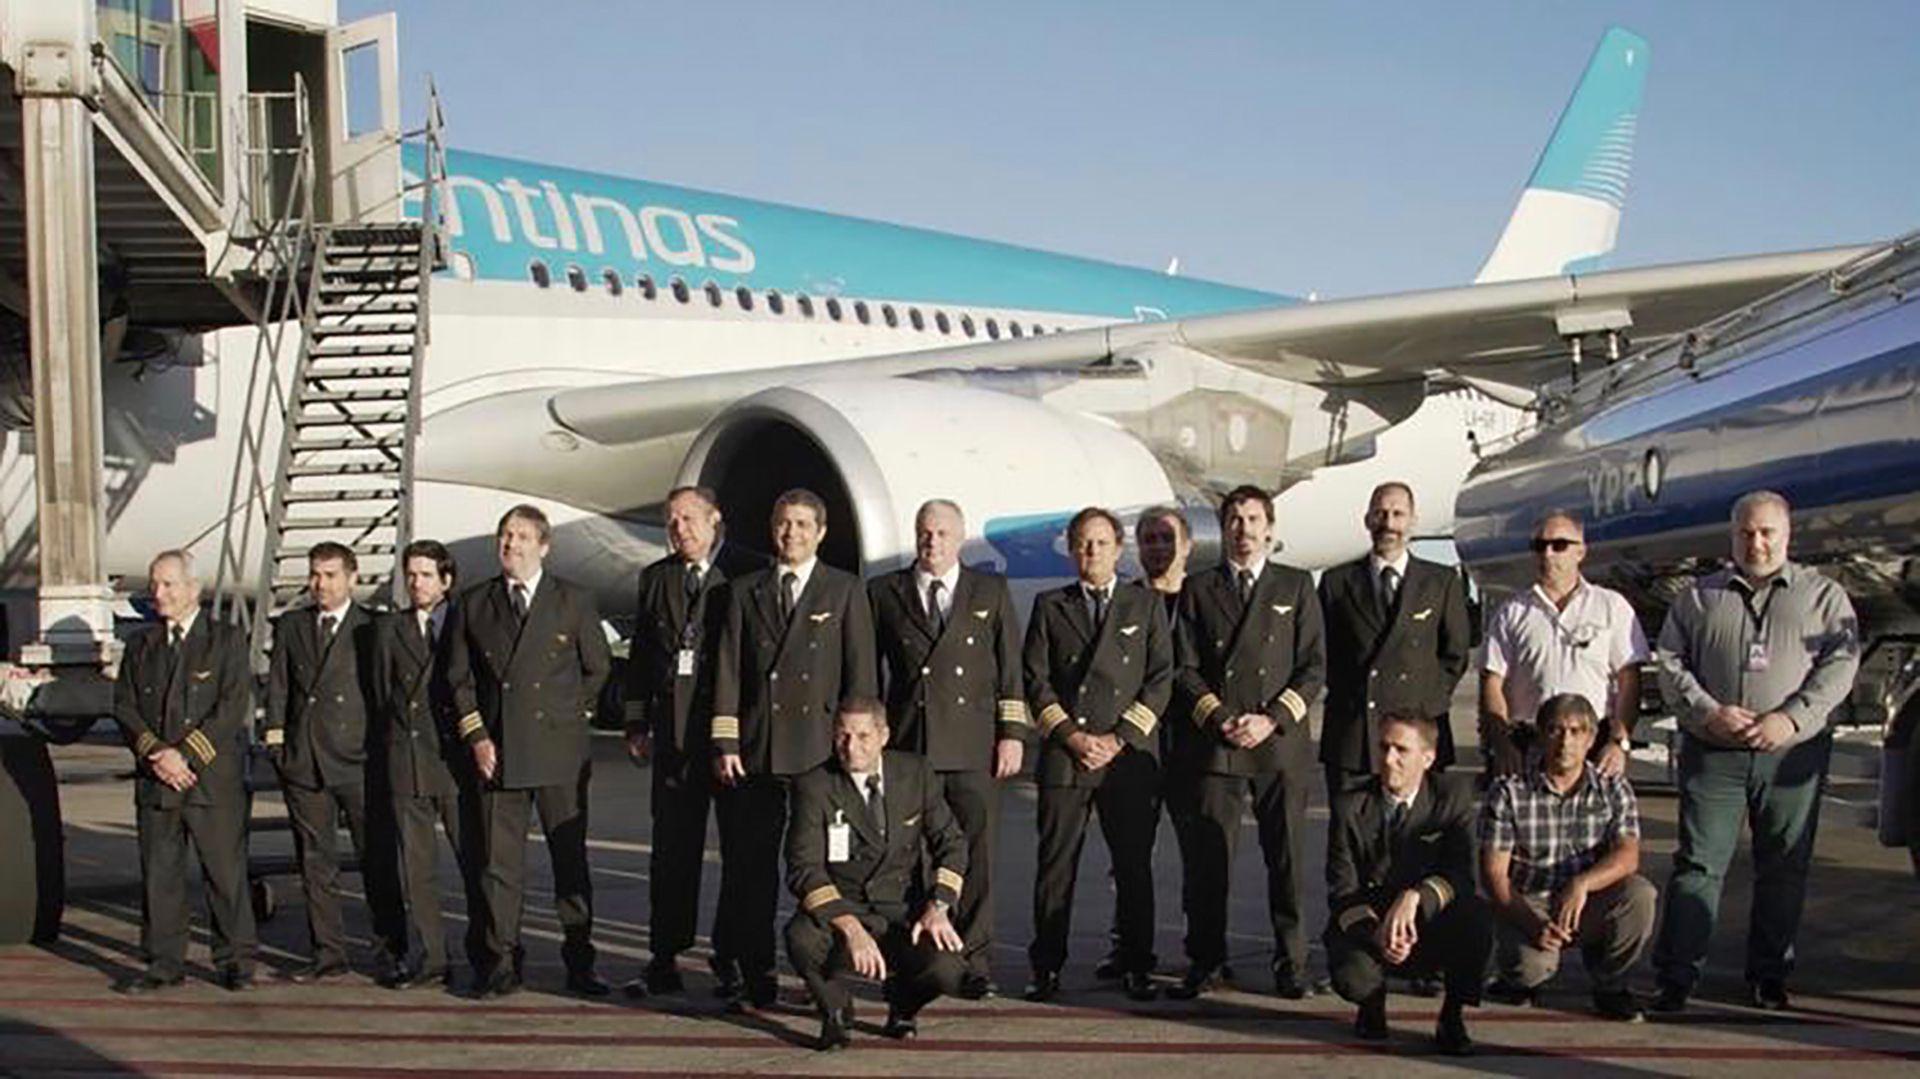 el primer vuelo de Aerolineas Argentinas a China trajo 100 toneladas de insumos sanitarios pero ningun respirador